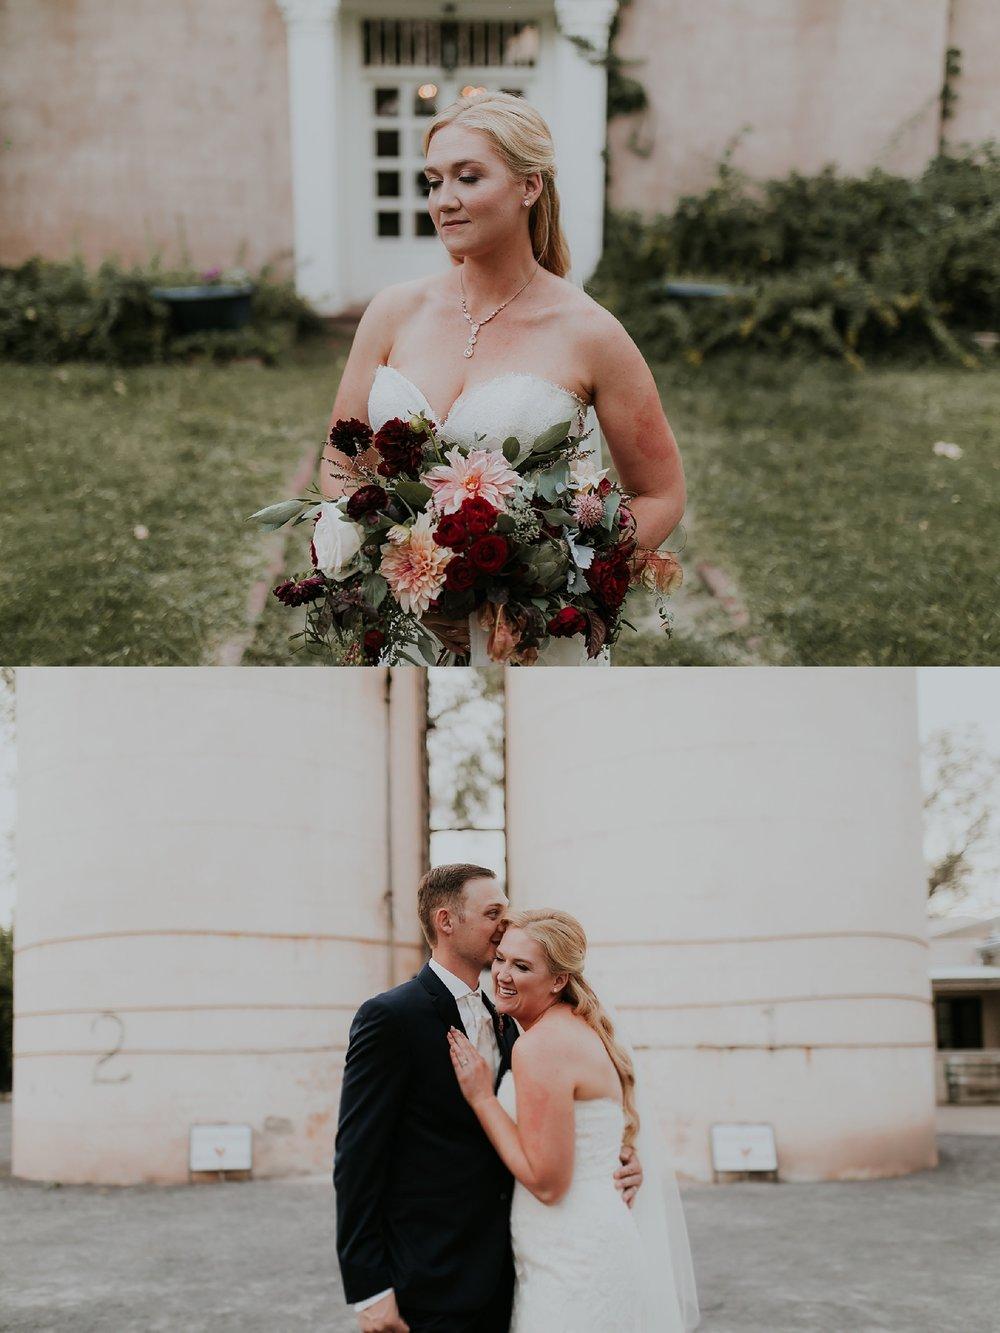 Alicia+lucia+photography+-+albuquerque+wedding+photographer+-+santa+fe+wedding+photography+-+new+mexico+wedding+photographer+-+new+mexico+wedding+-+santa+fe+wedding+-+albuquerque+wedding+-+bridal+hair_0097.jpg